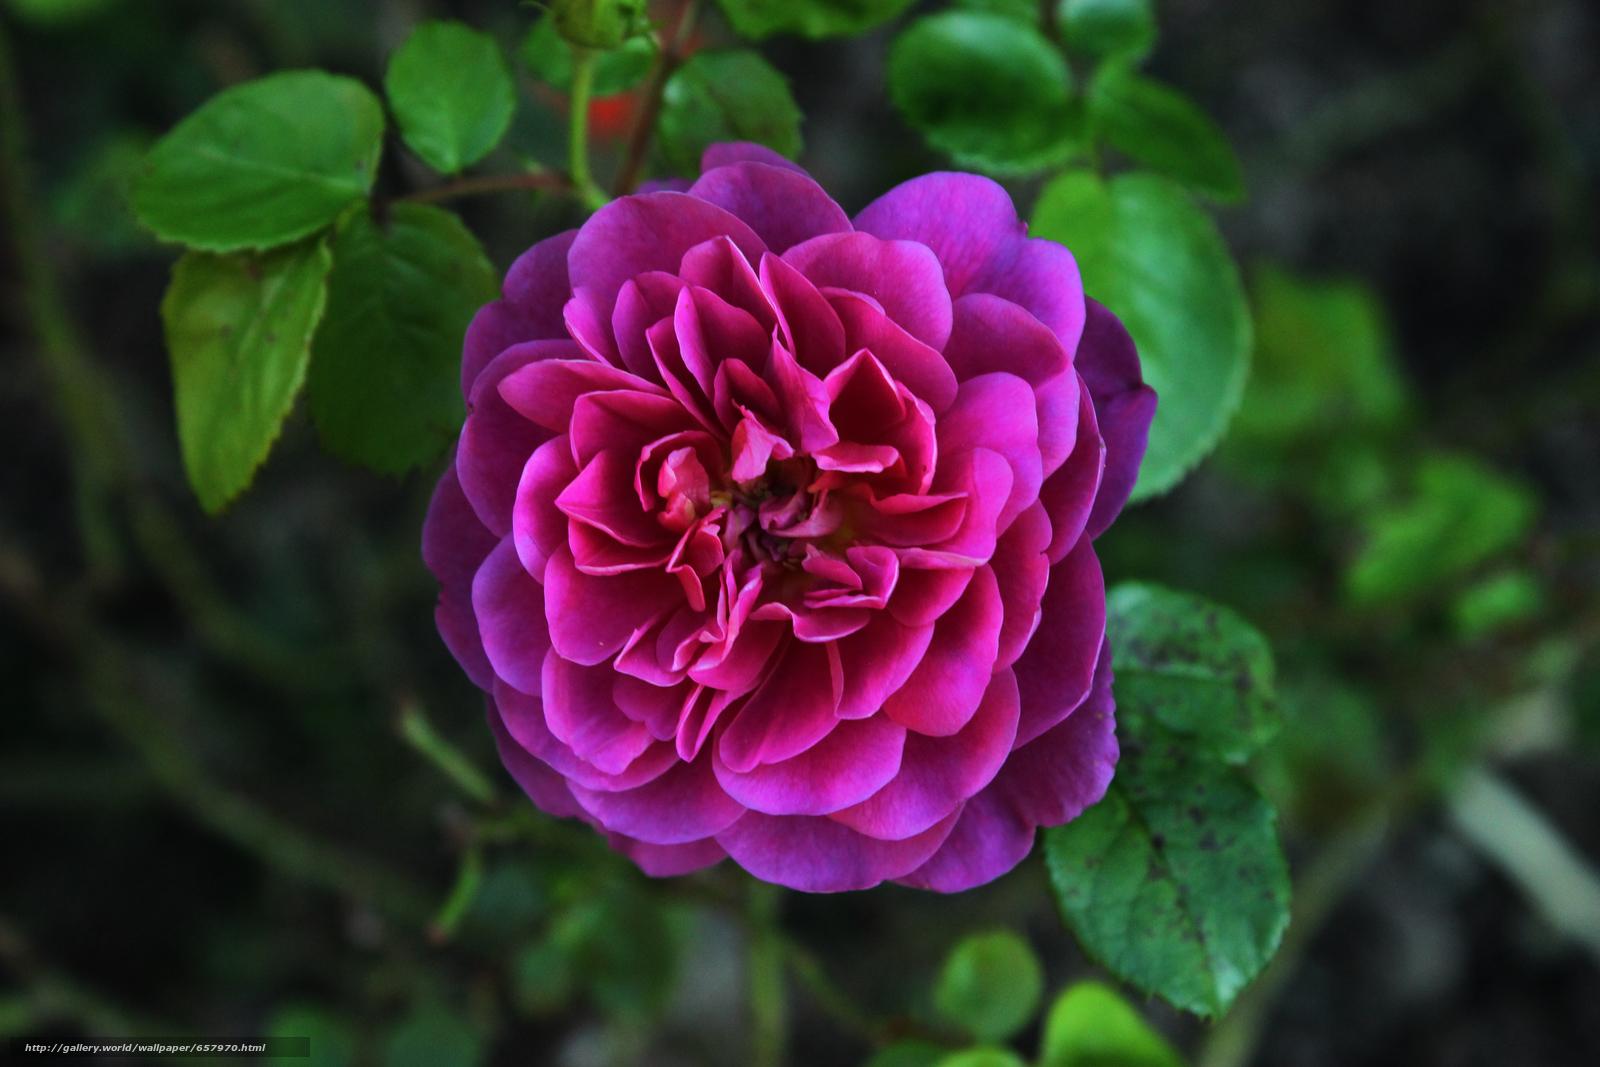 Скачать обои роза,  розы,  цветок,  цветы бесплатно для рабочего стола в разрешении 5184x3456 — картинка №657970